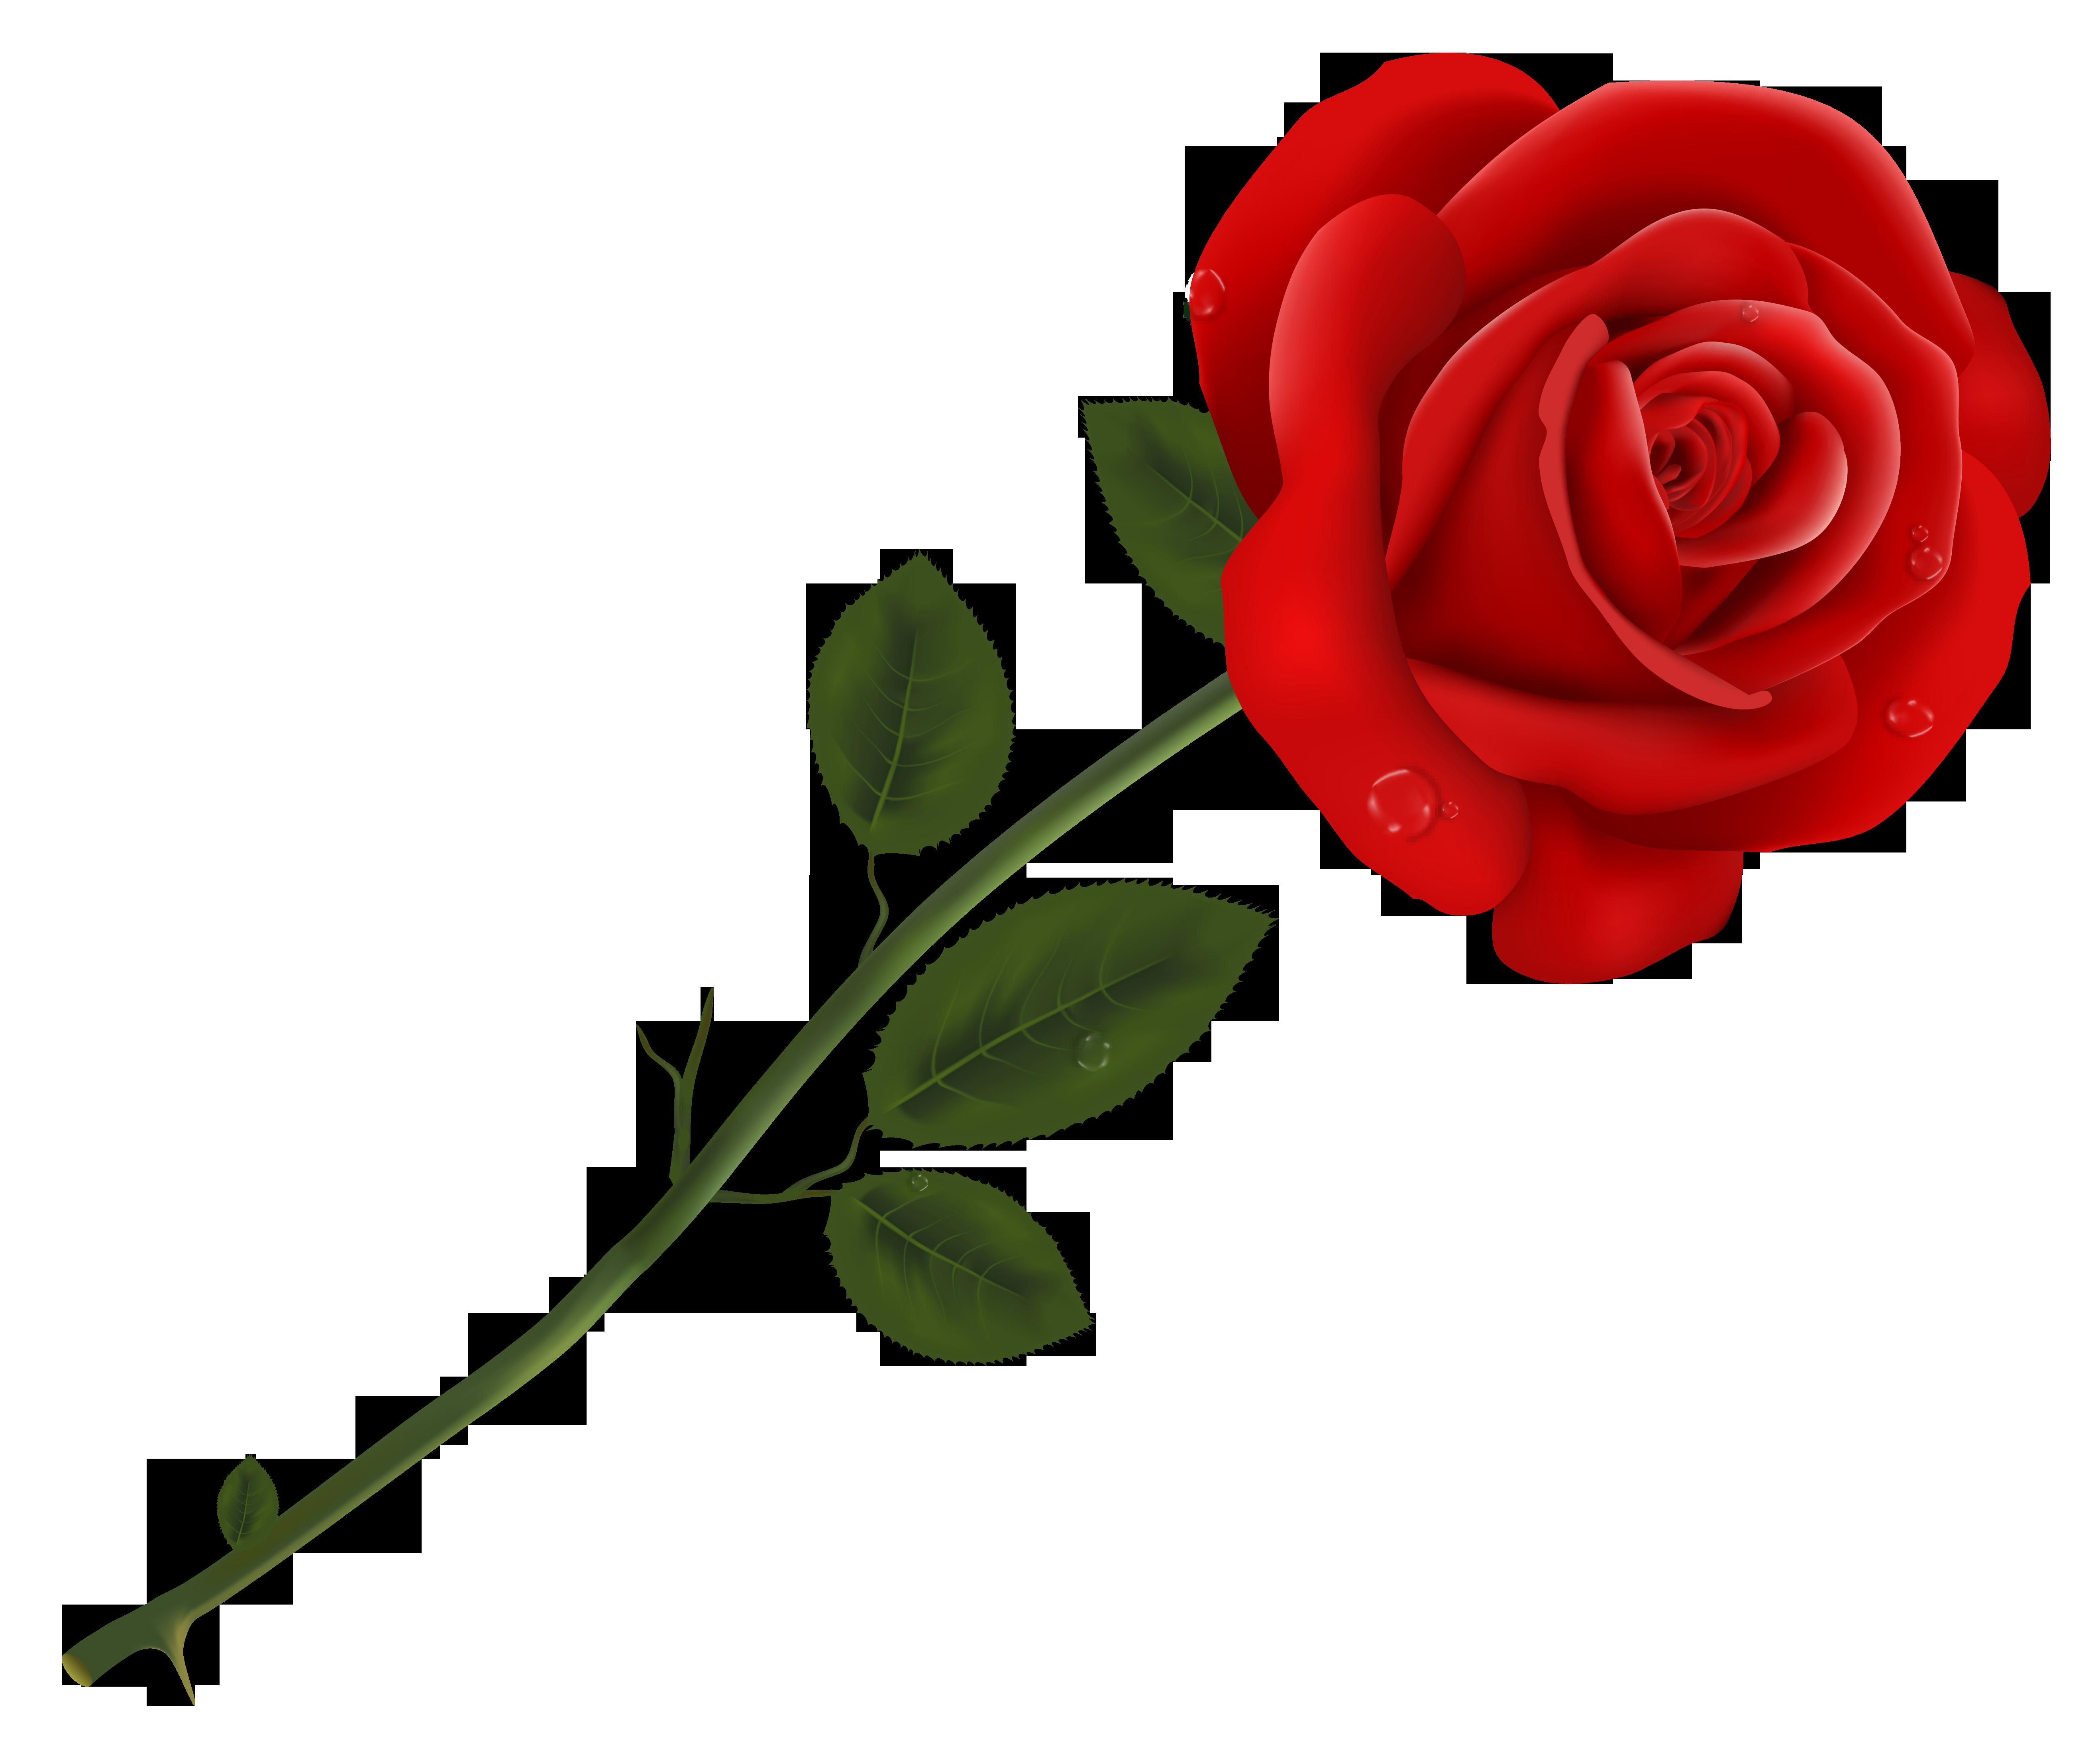 rose015.jpg 5,270×4,411 pixels Red rose flower